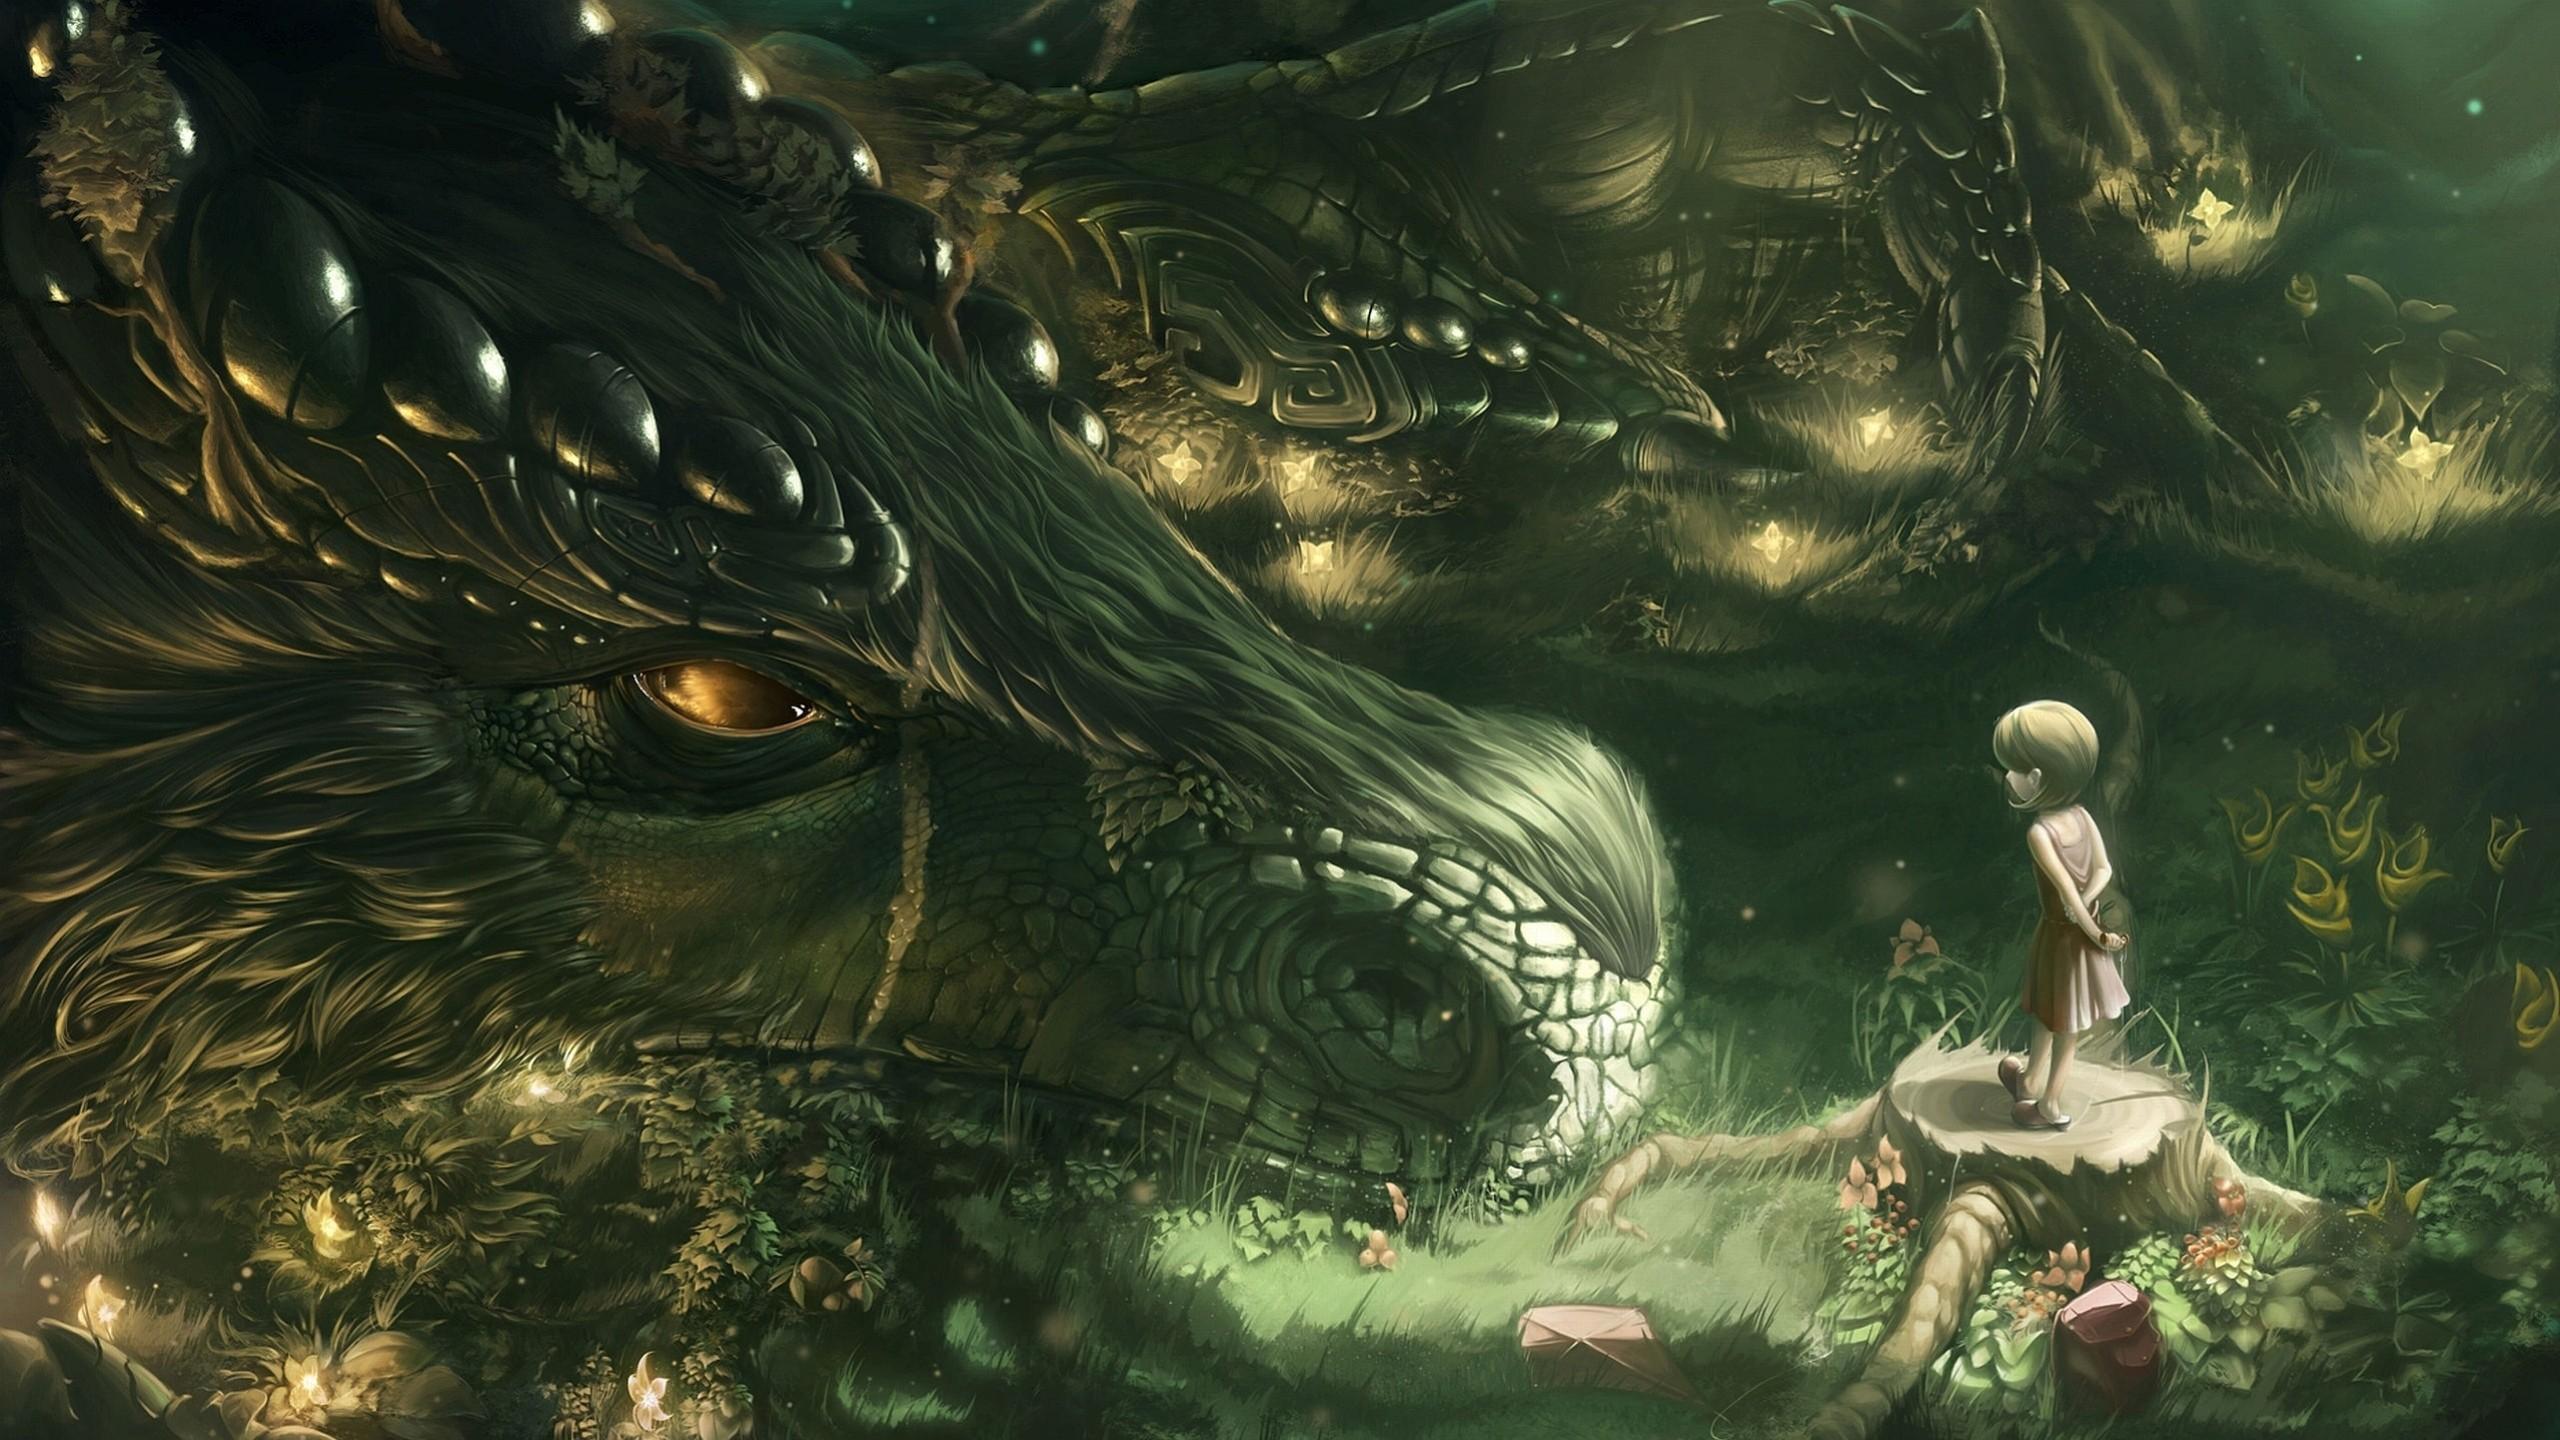 Wallpaper dragon, girl, forest, art